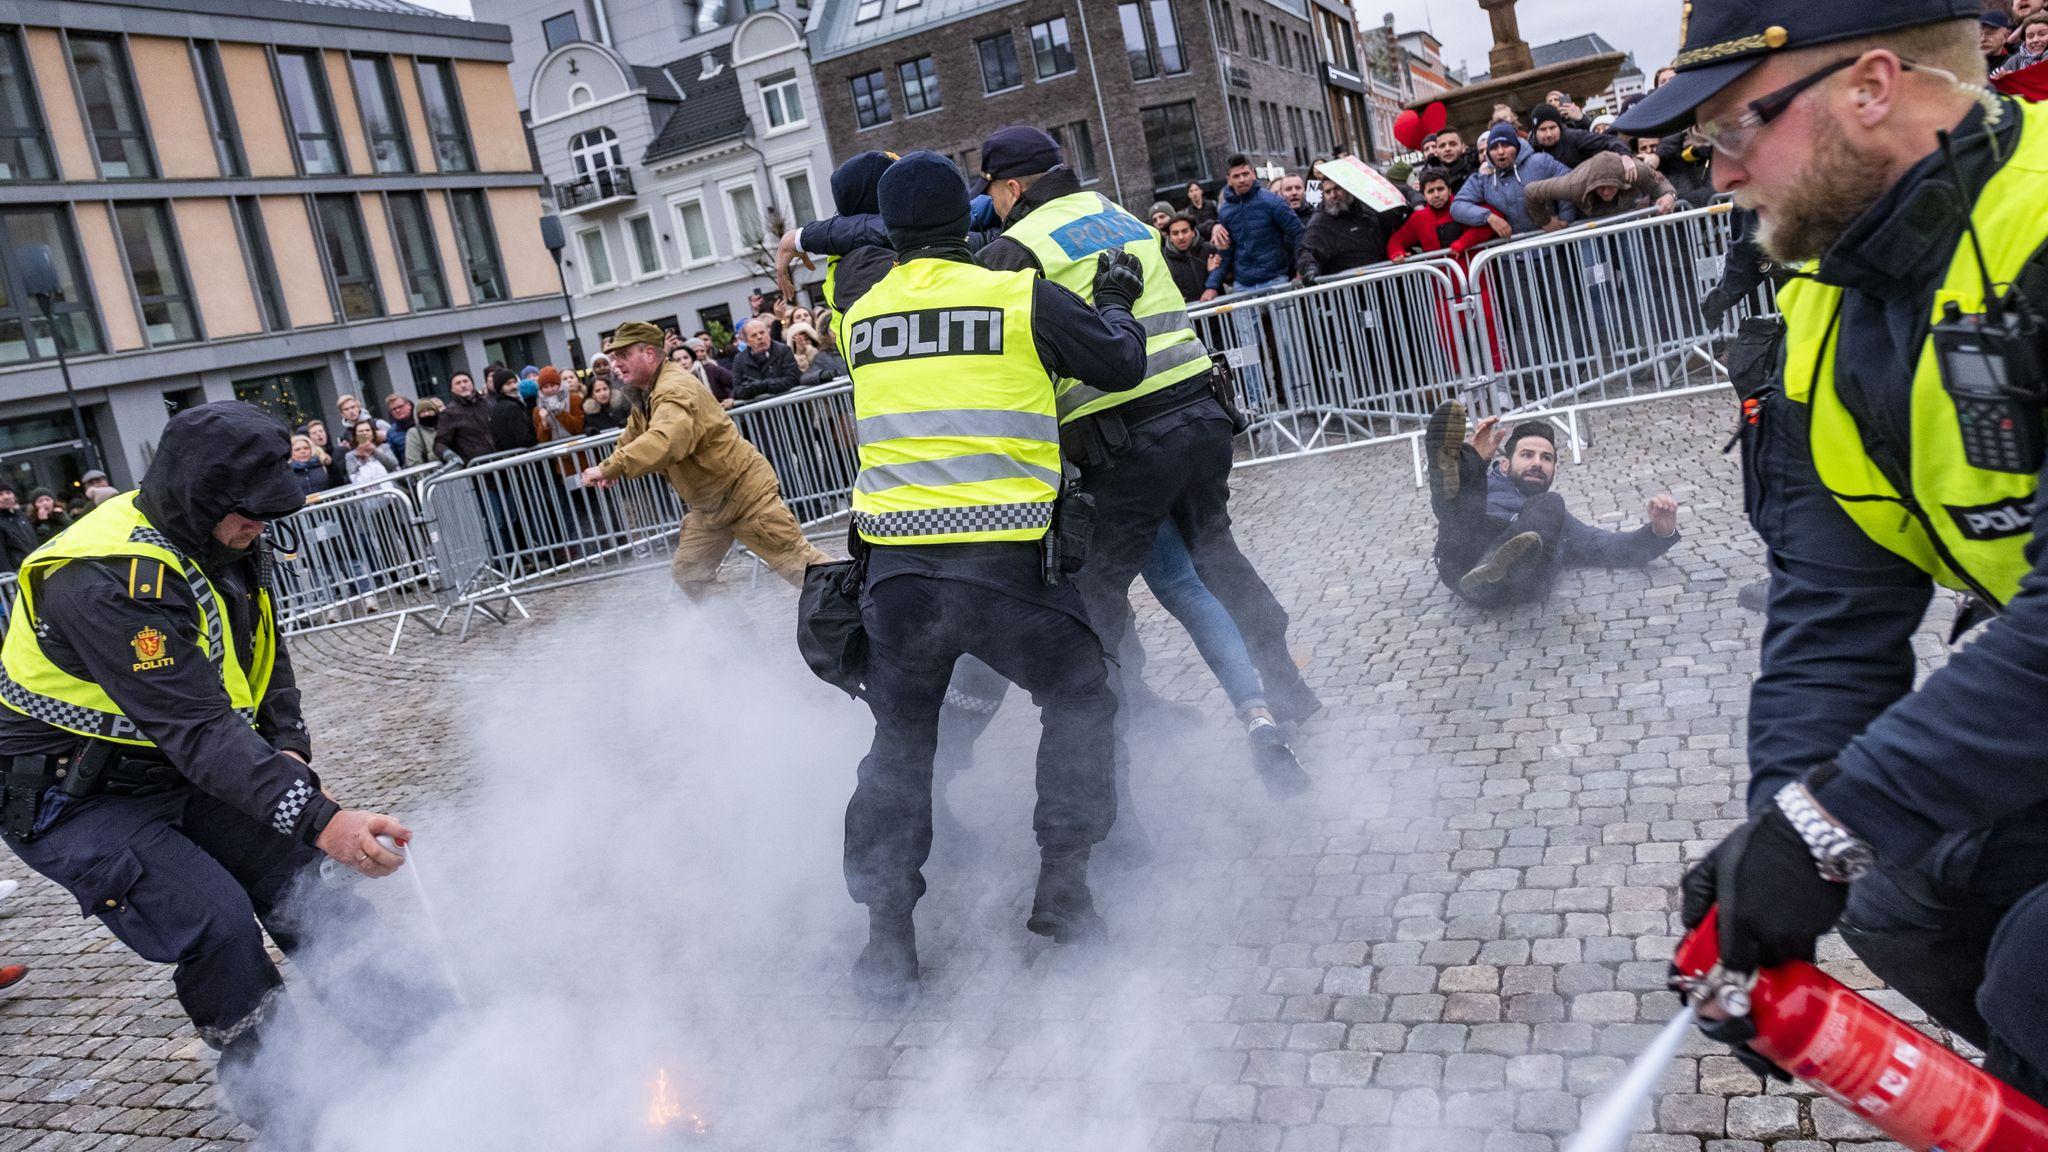 Politiet grep inn da SIAN-leder Lars Thorsen (i beige klær) satte fyr på Koranen under en markering i Kristiansand.